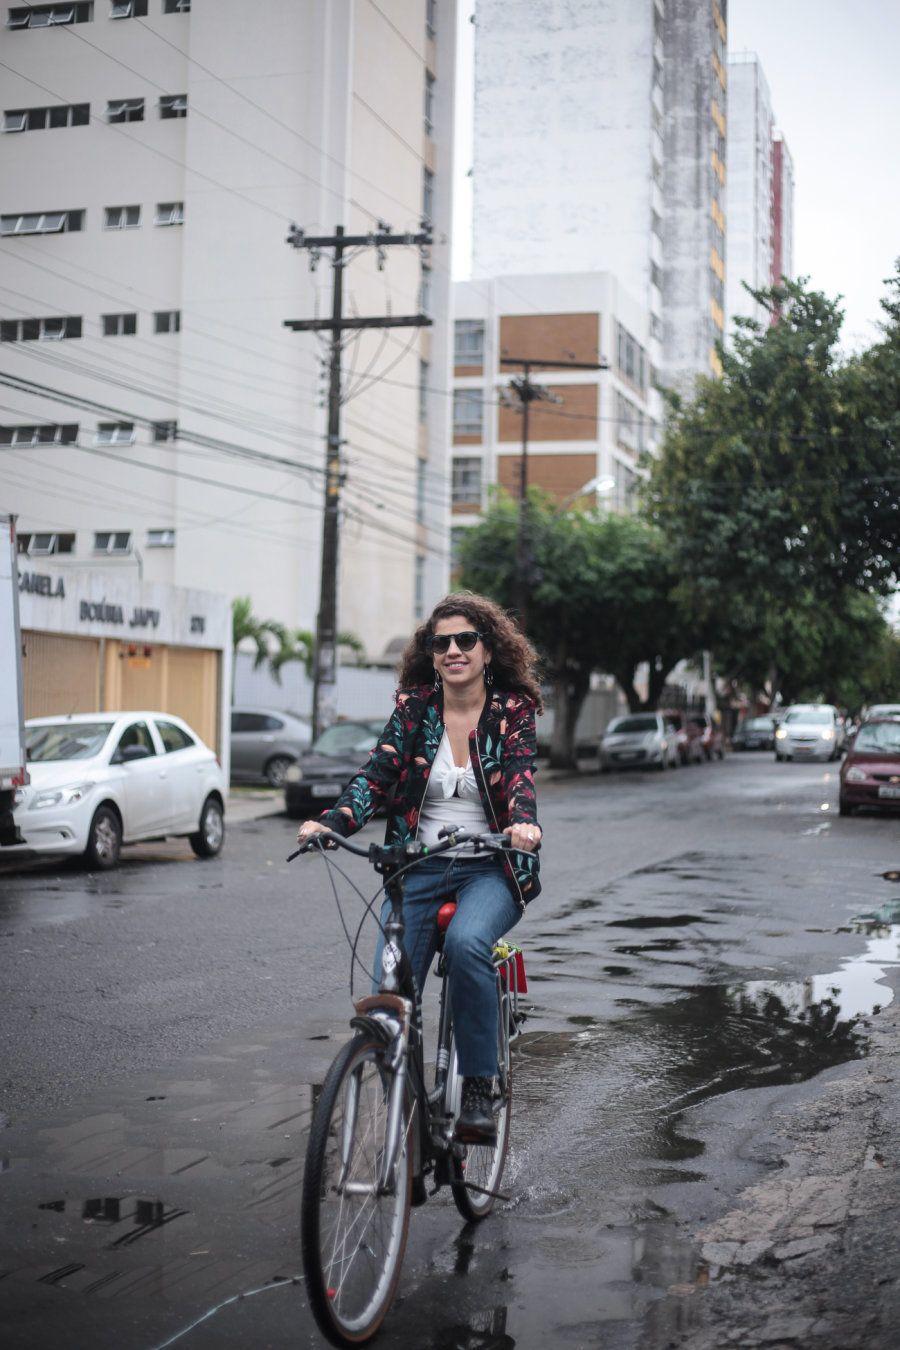 Para Erica, a bicicleta é uma arma contra diversos artifícios de exclusão social e